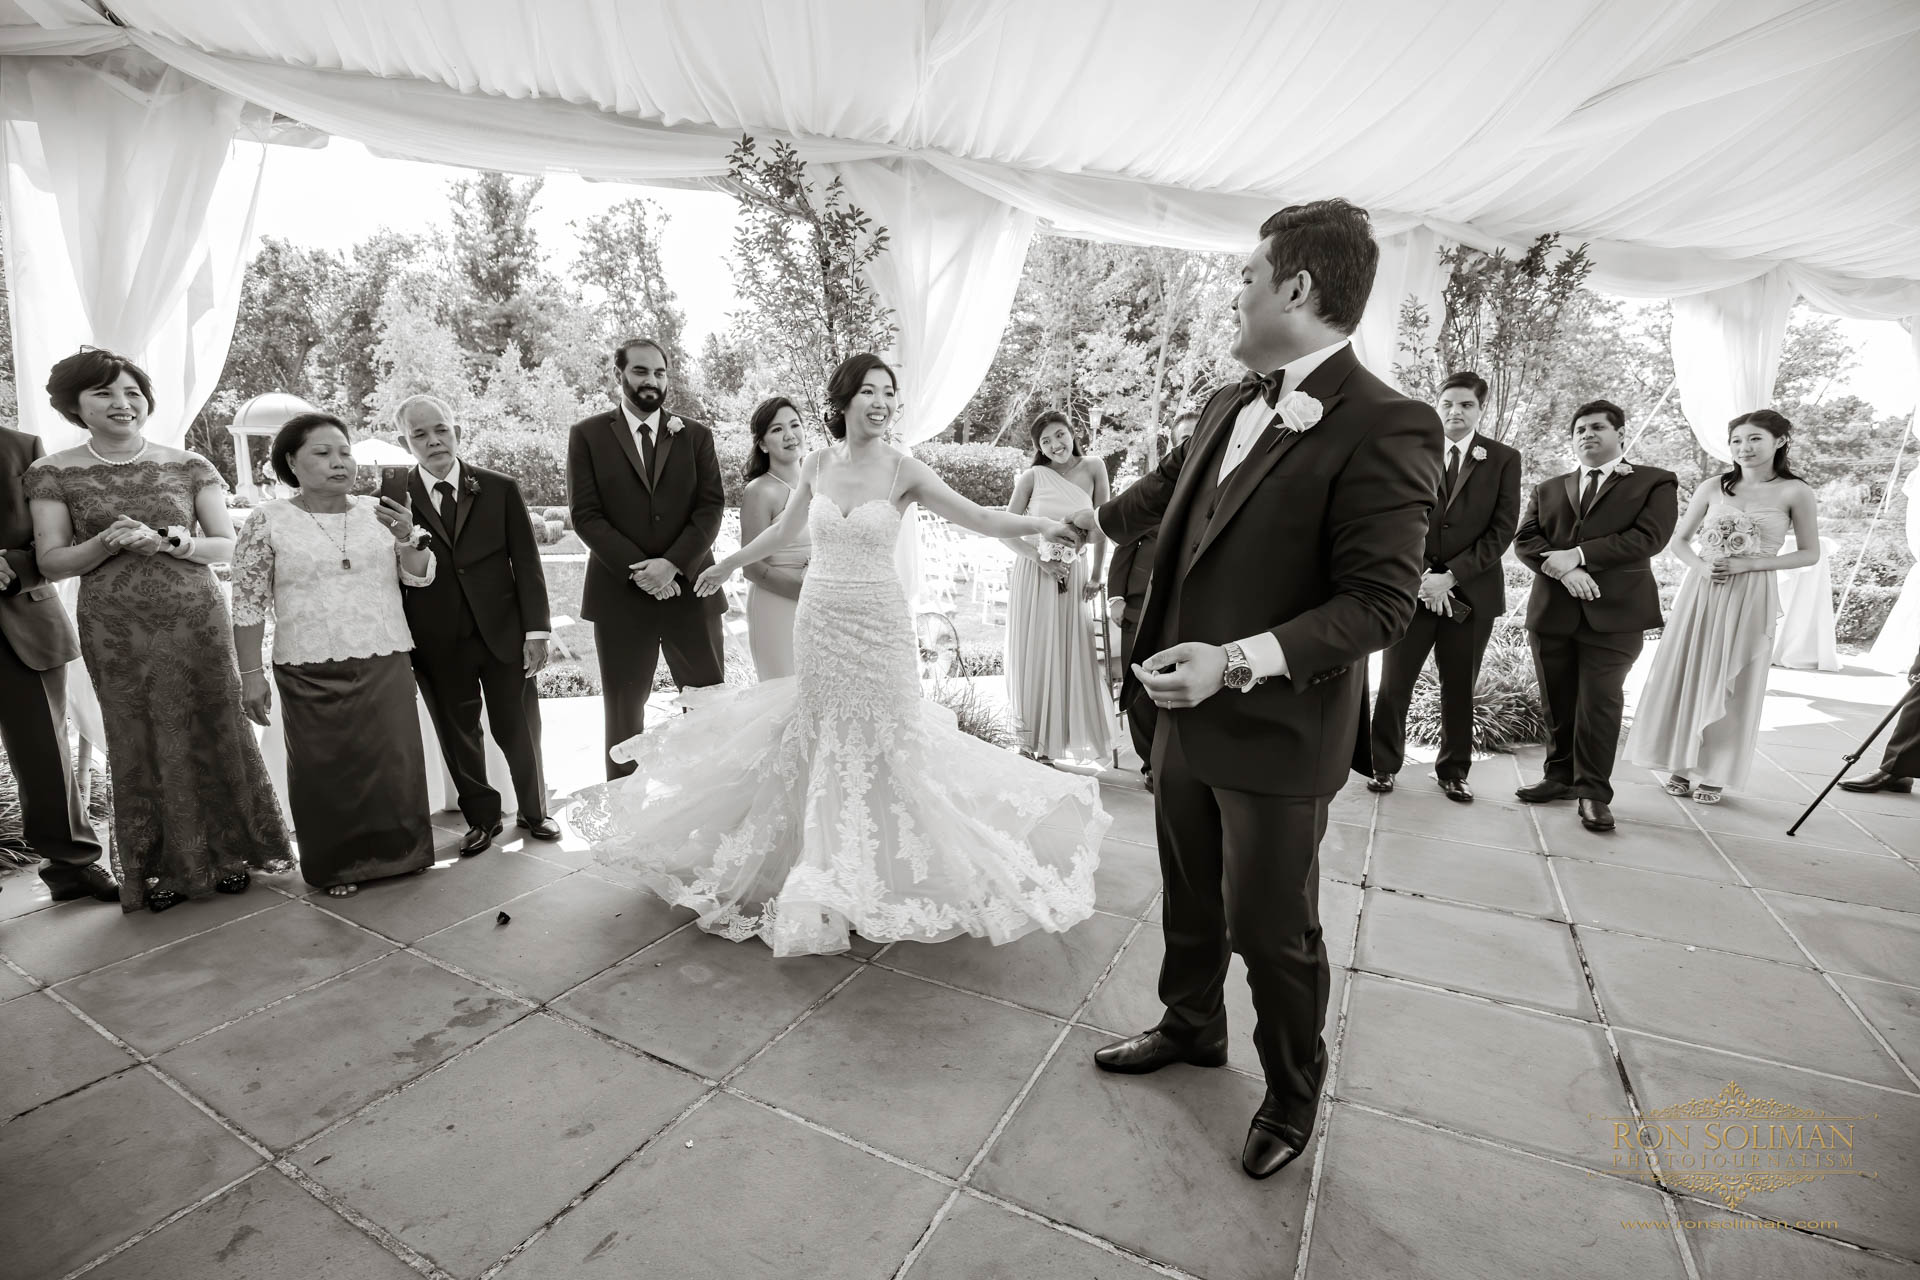 PARK CHATEAU WEDDING 330